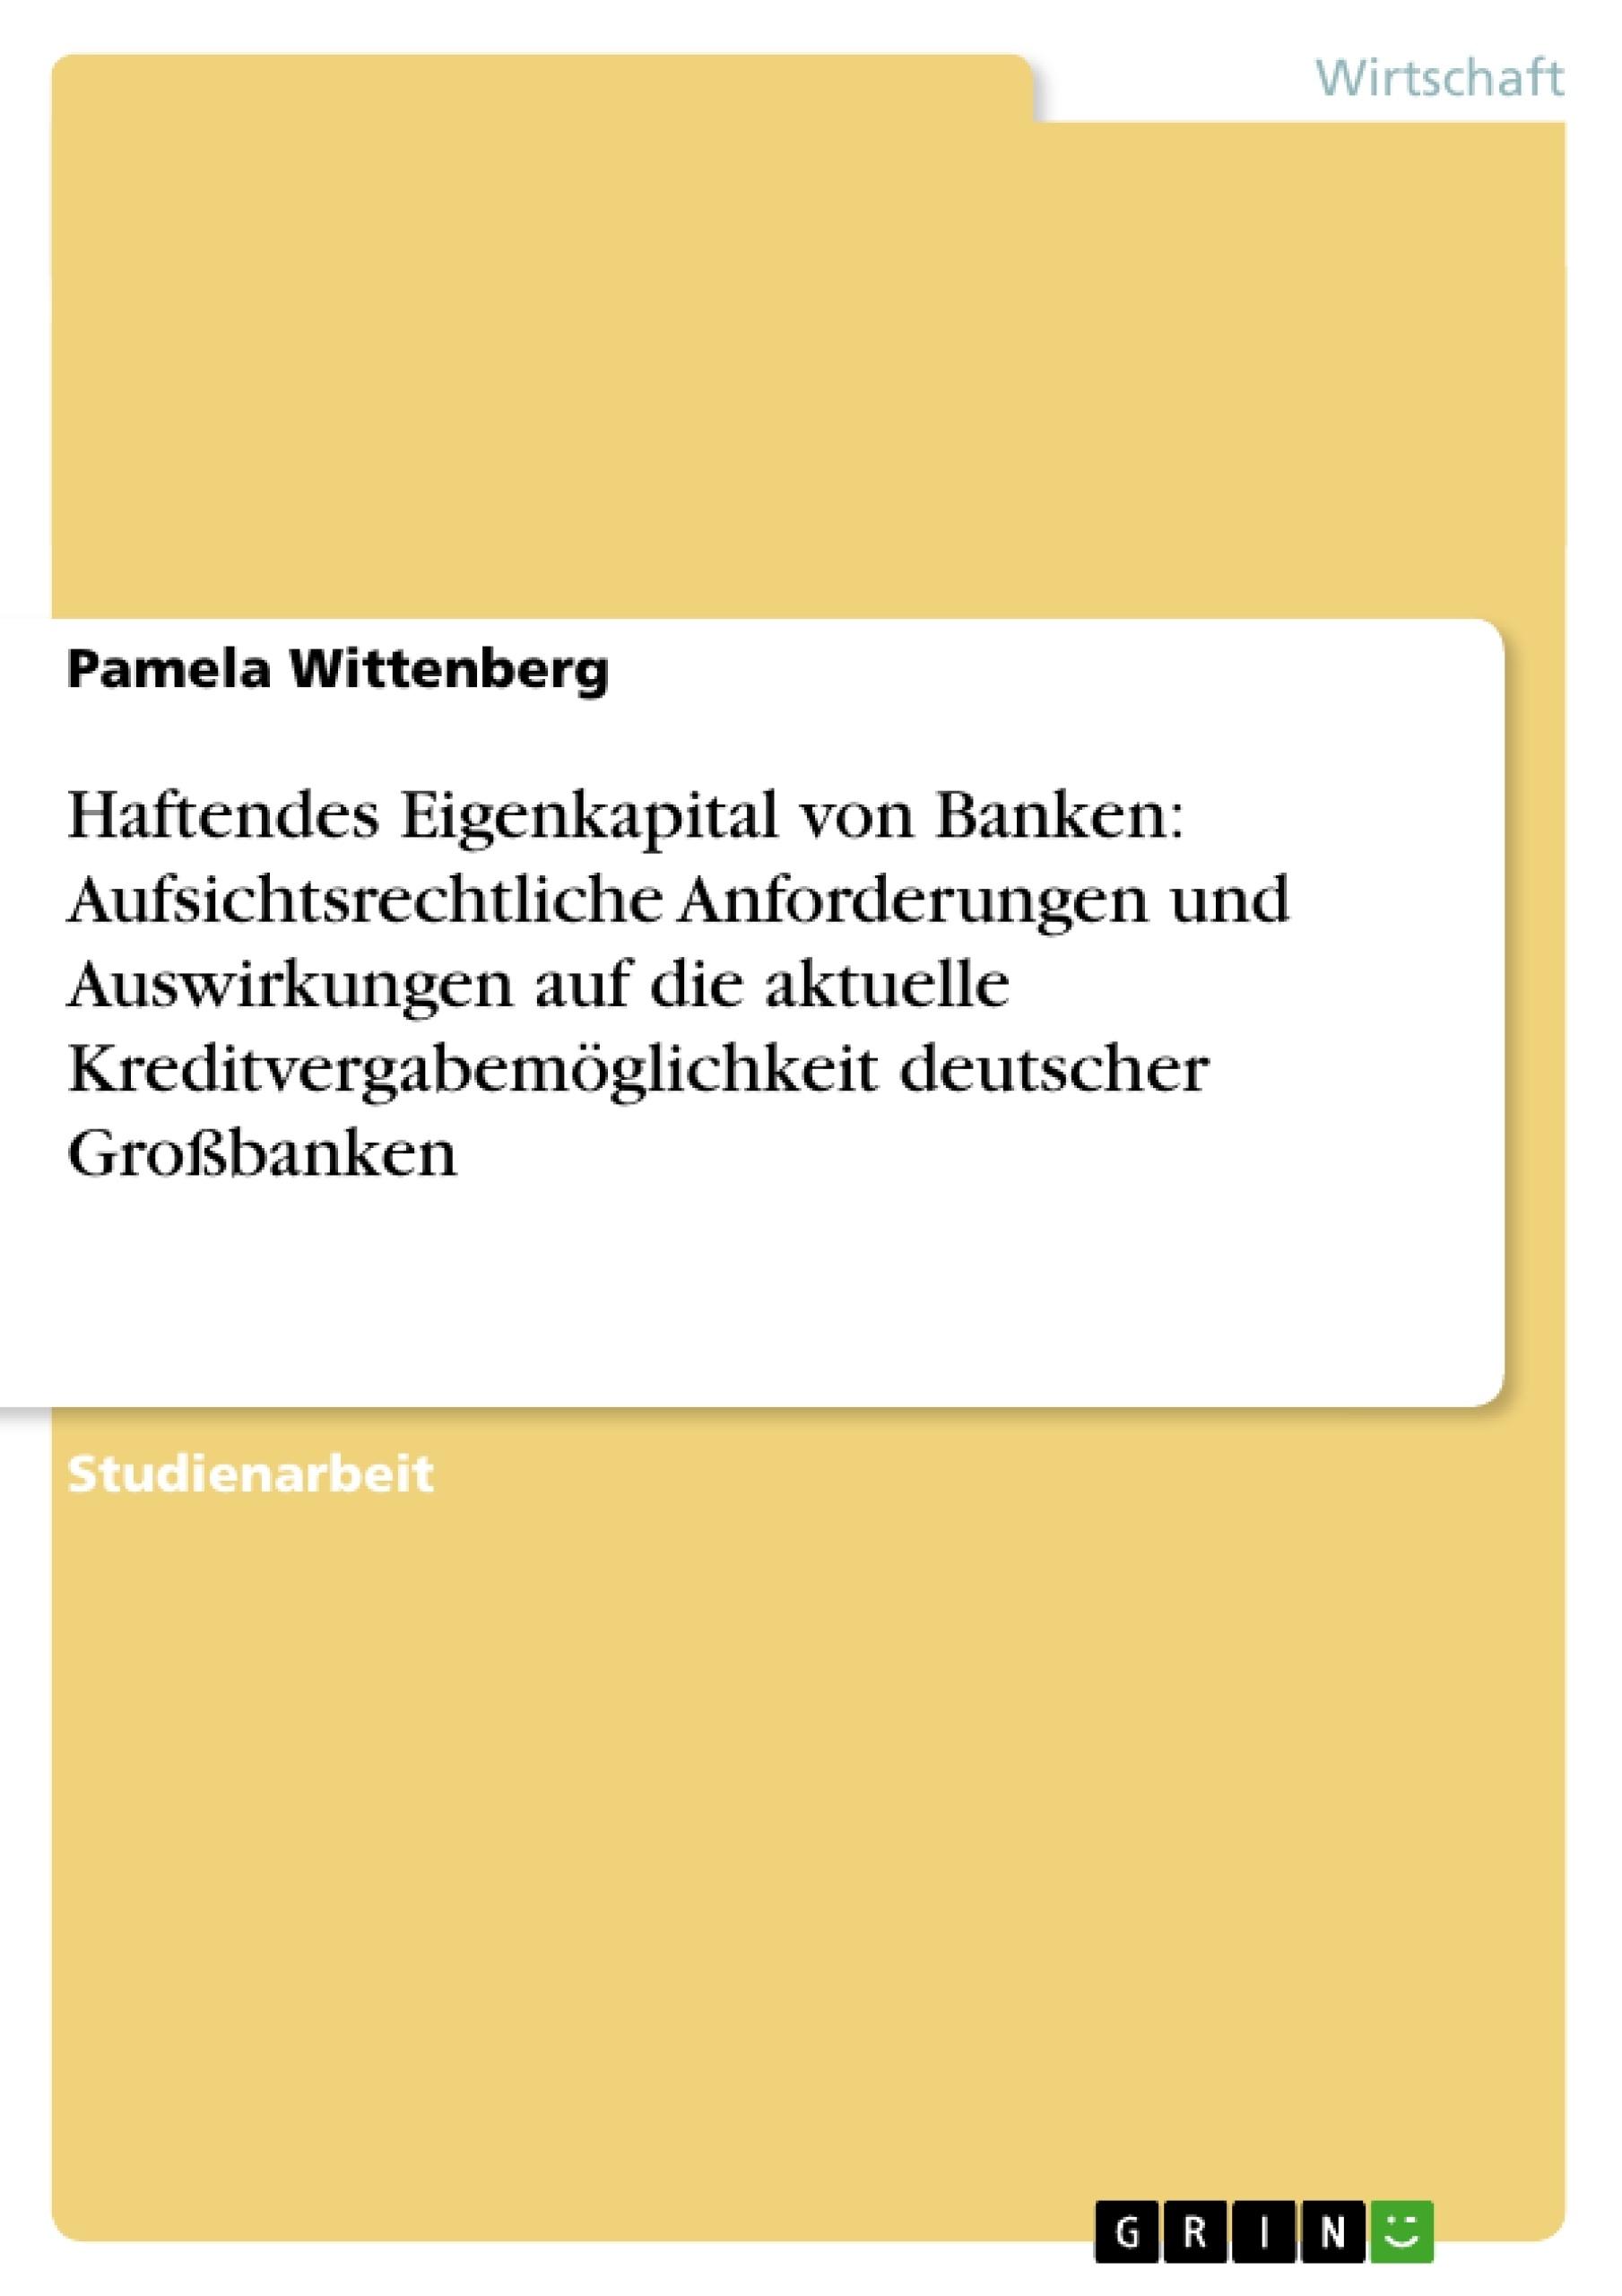 Titel: Haftendes Eigenkapital von Banken: Aufsichtsrechtliche Anforderungen und Auswirkungen auf die aktuelle Kreditvergabemöglichkeit deutscher Großbanken